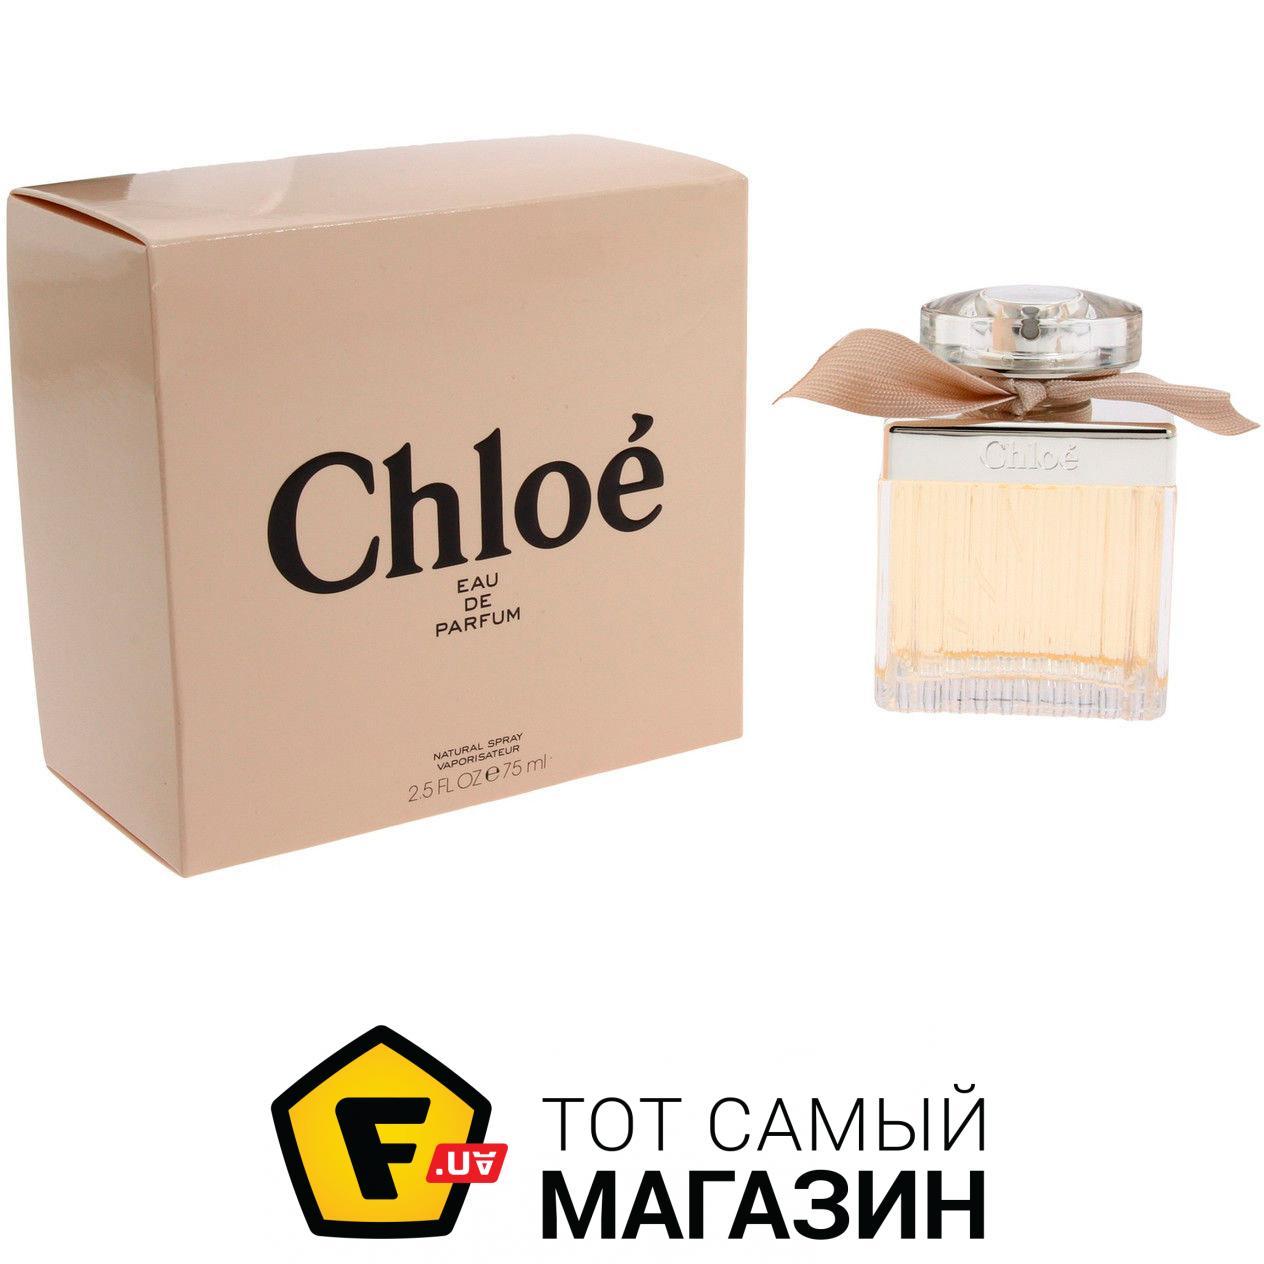 ᐈ Chloe Eau De Parfum 75мл надо купить цена снижена Chloe Eau De